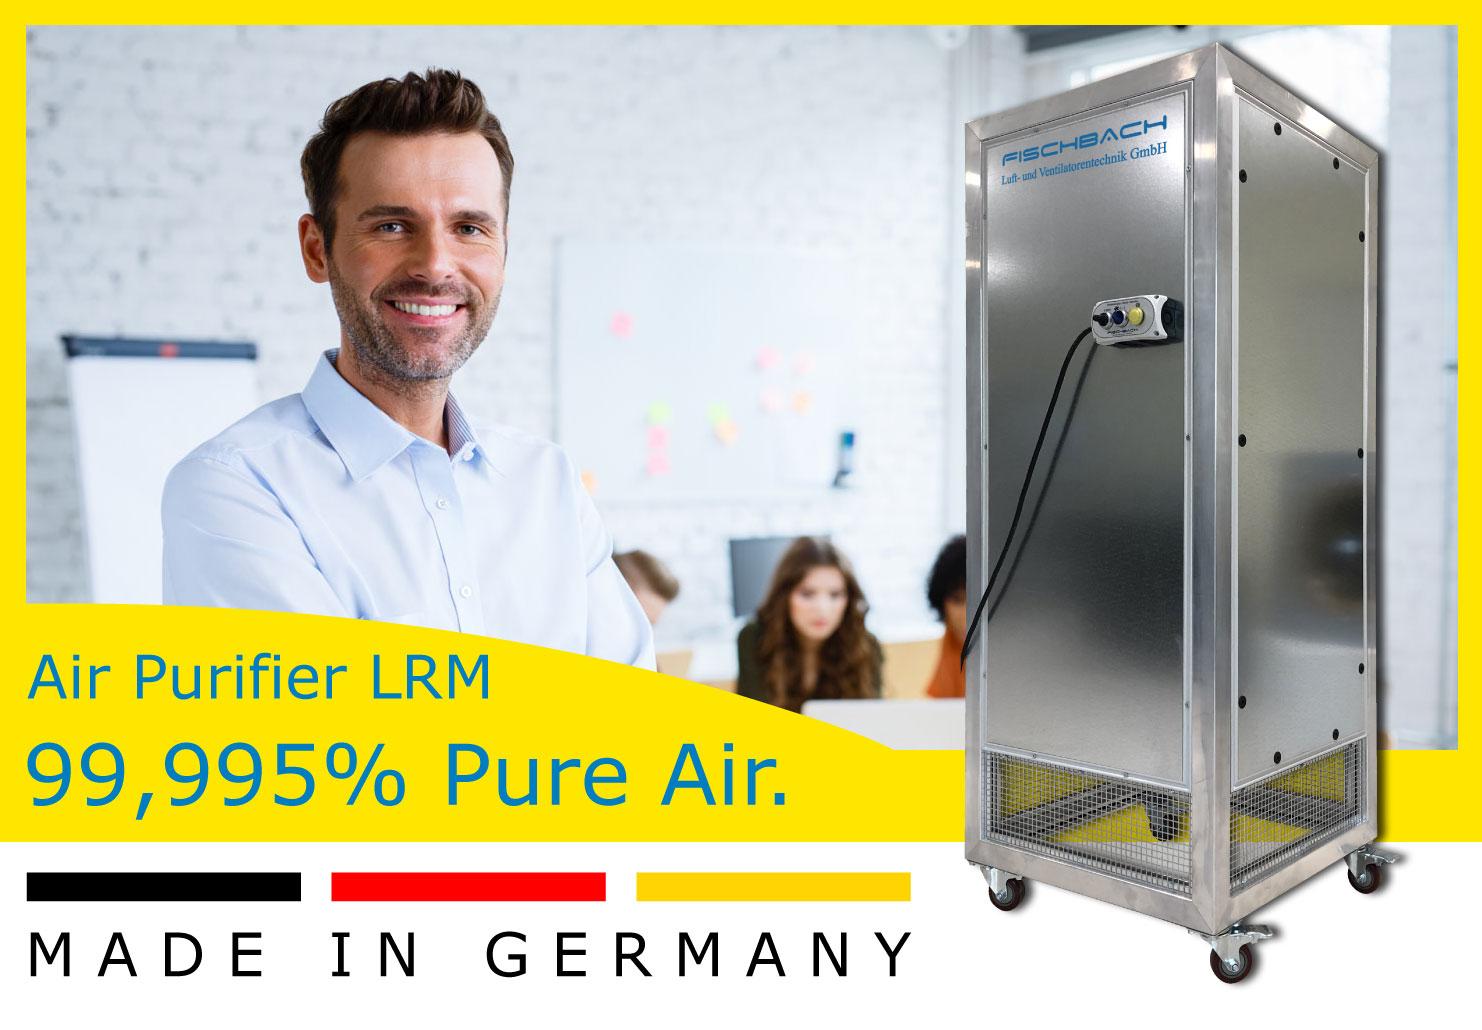 Air Purifier LRM - 99,995% Pure Air